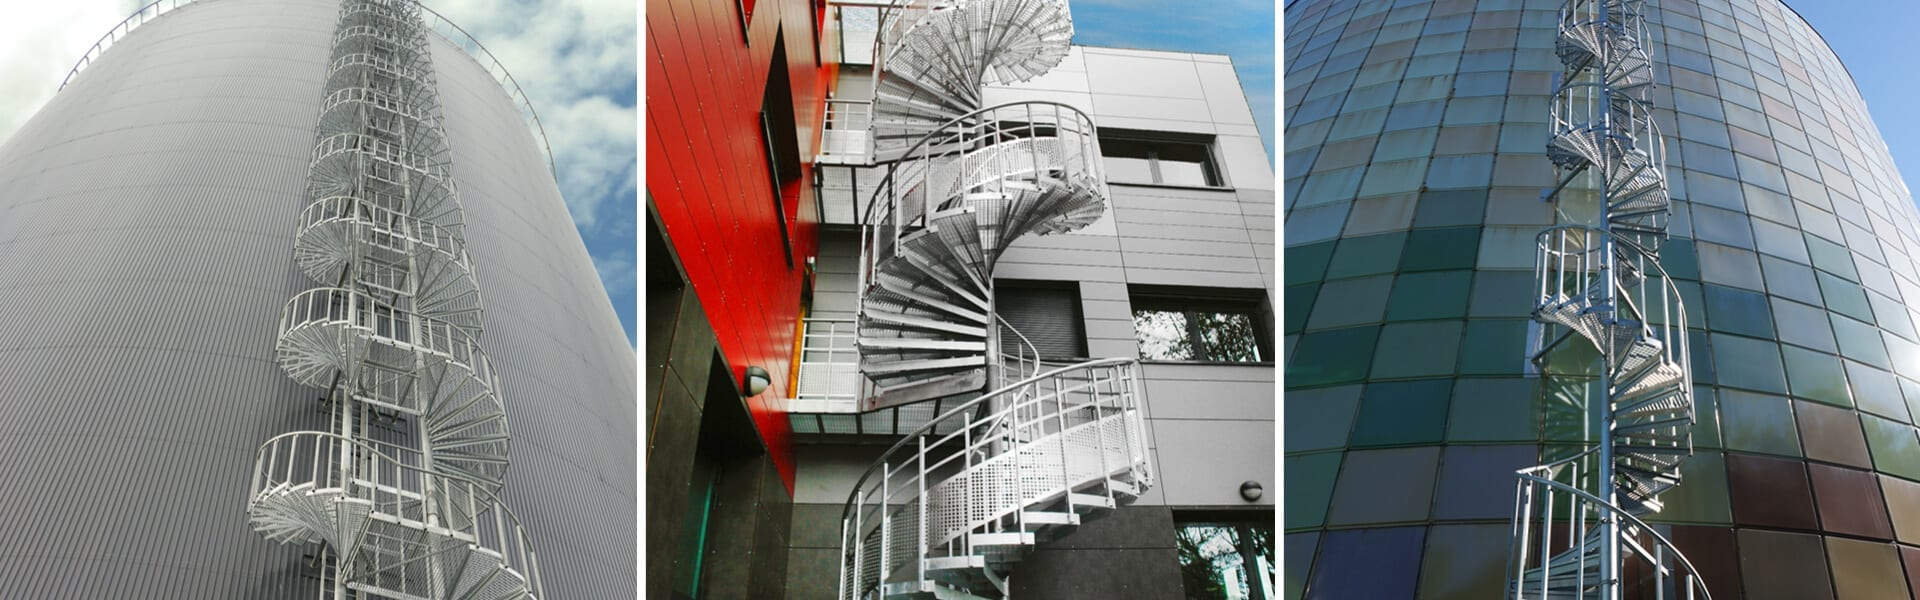 Schody spiralne, schody kręcone